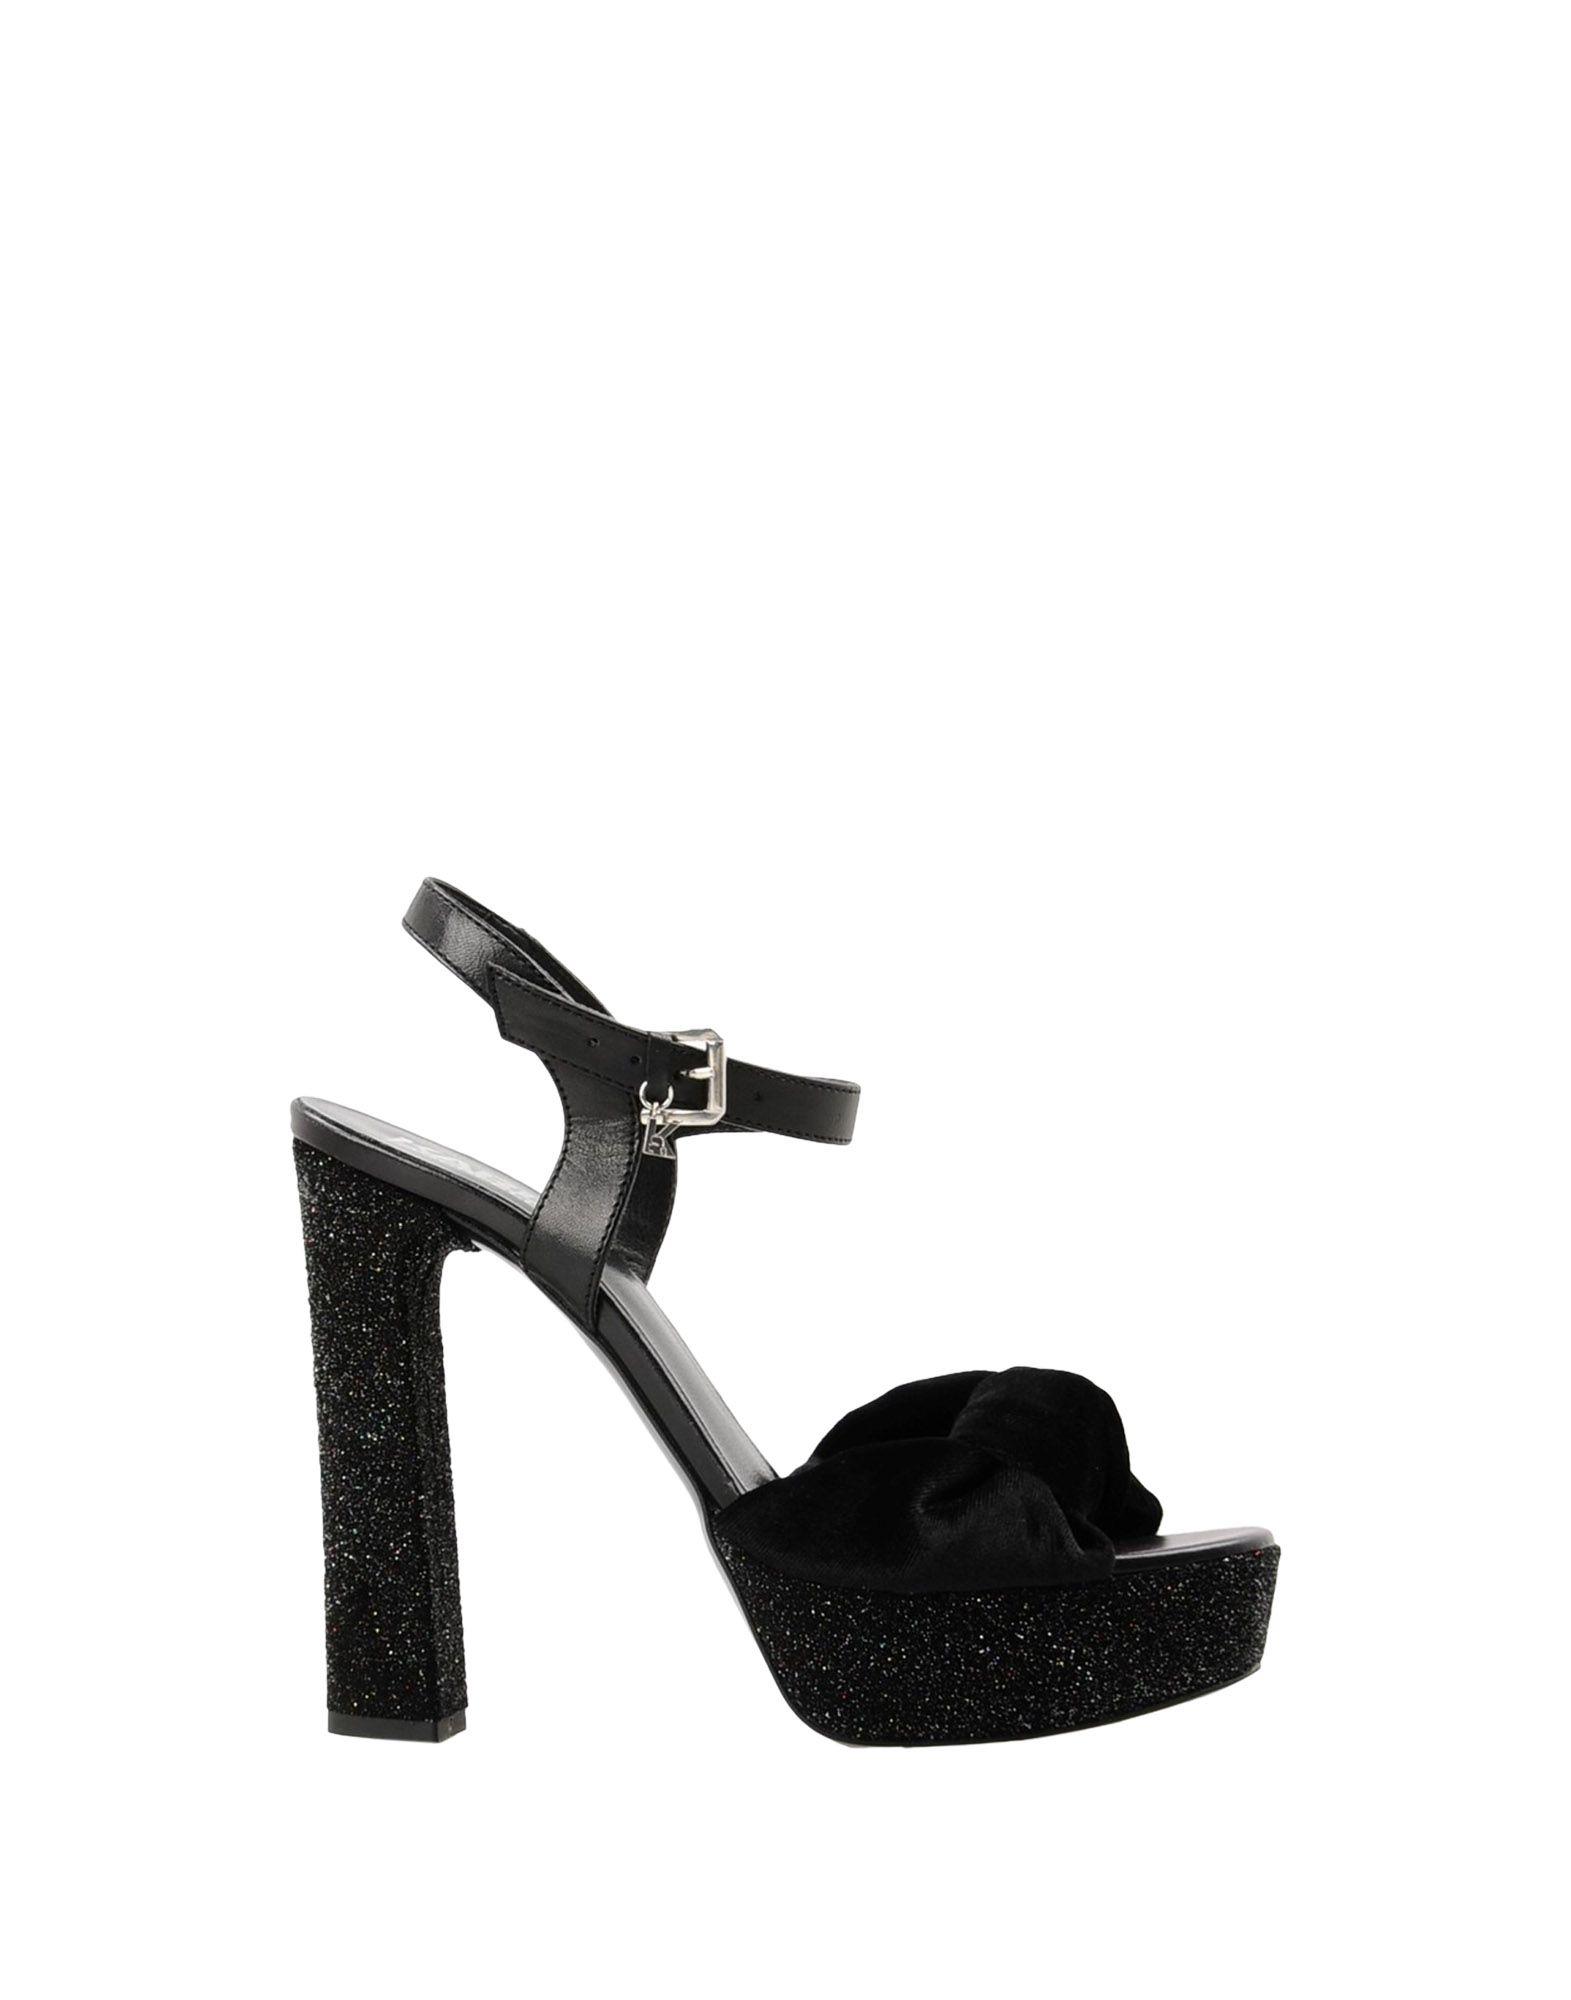 Sandali Karl Lagerfeld Soiree Open Sandal Velvet - Donna - 11424018LJ